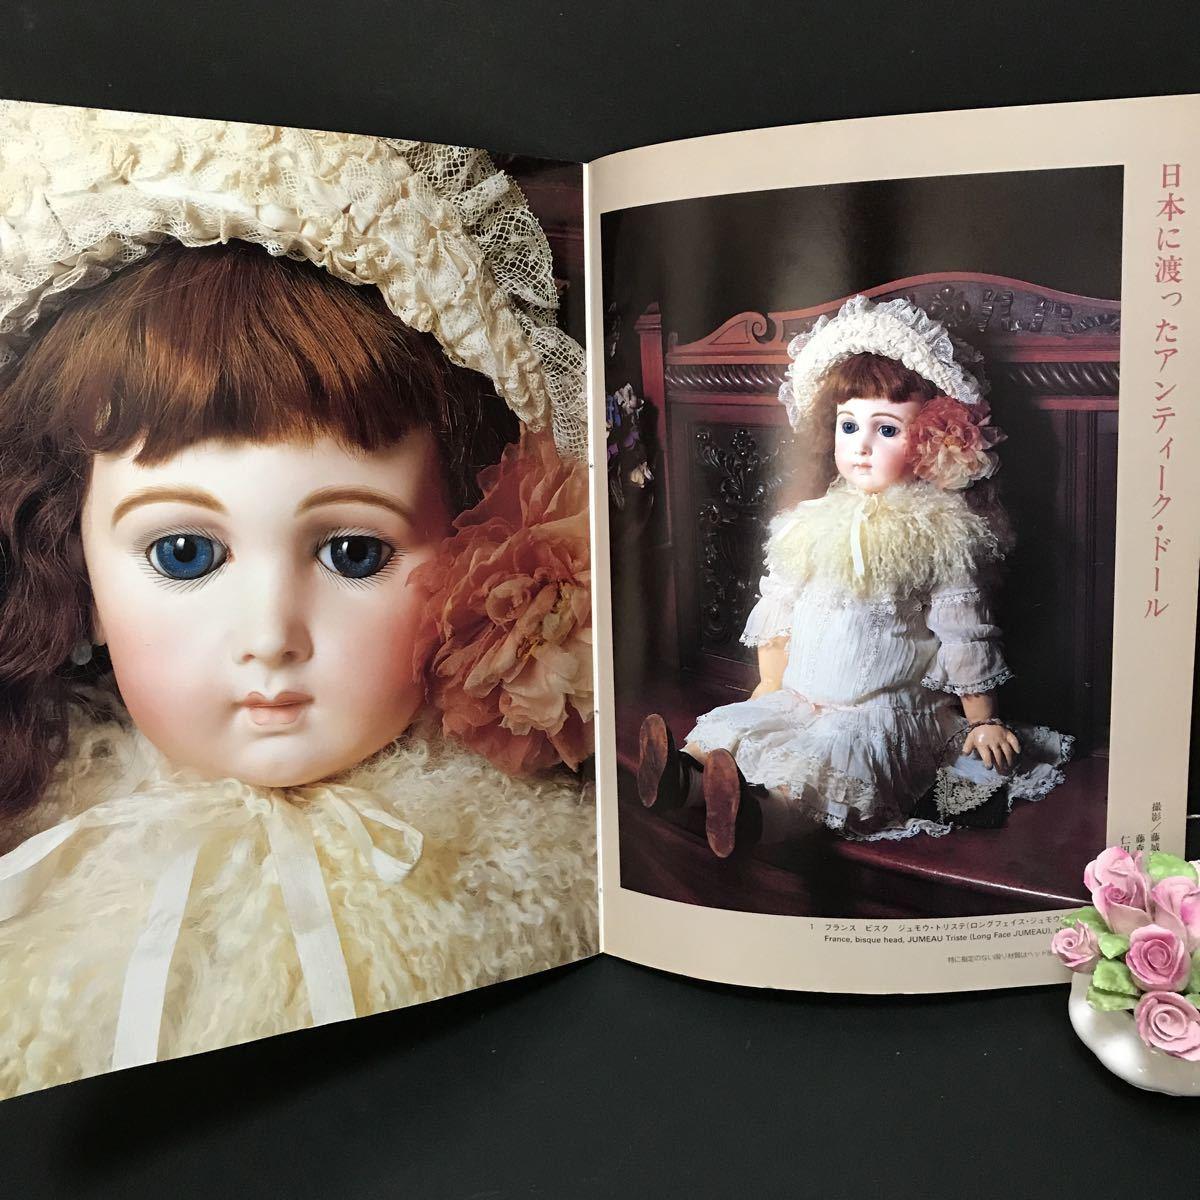 ビスクドール 書籍 人形 昭和61年発行 美品_画像2